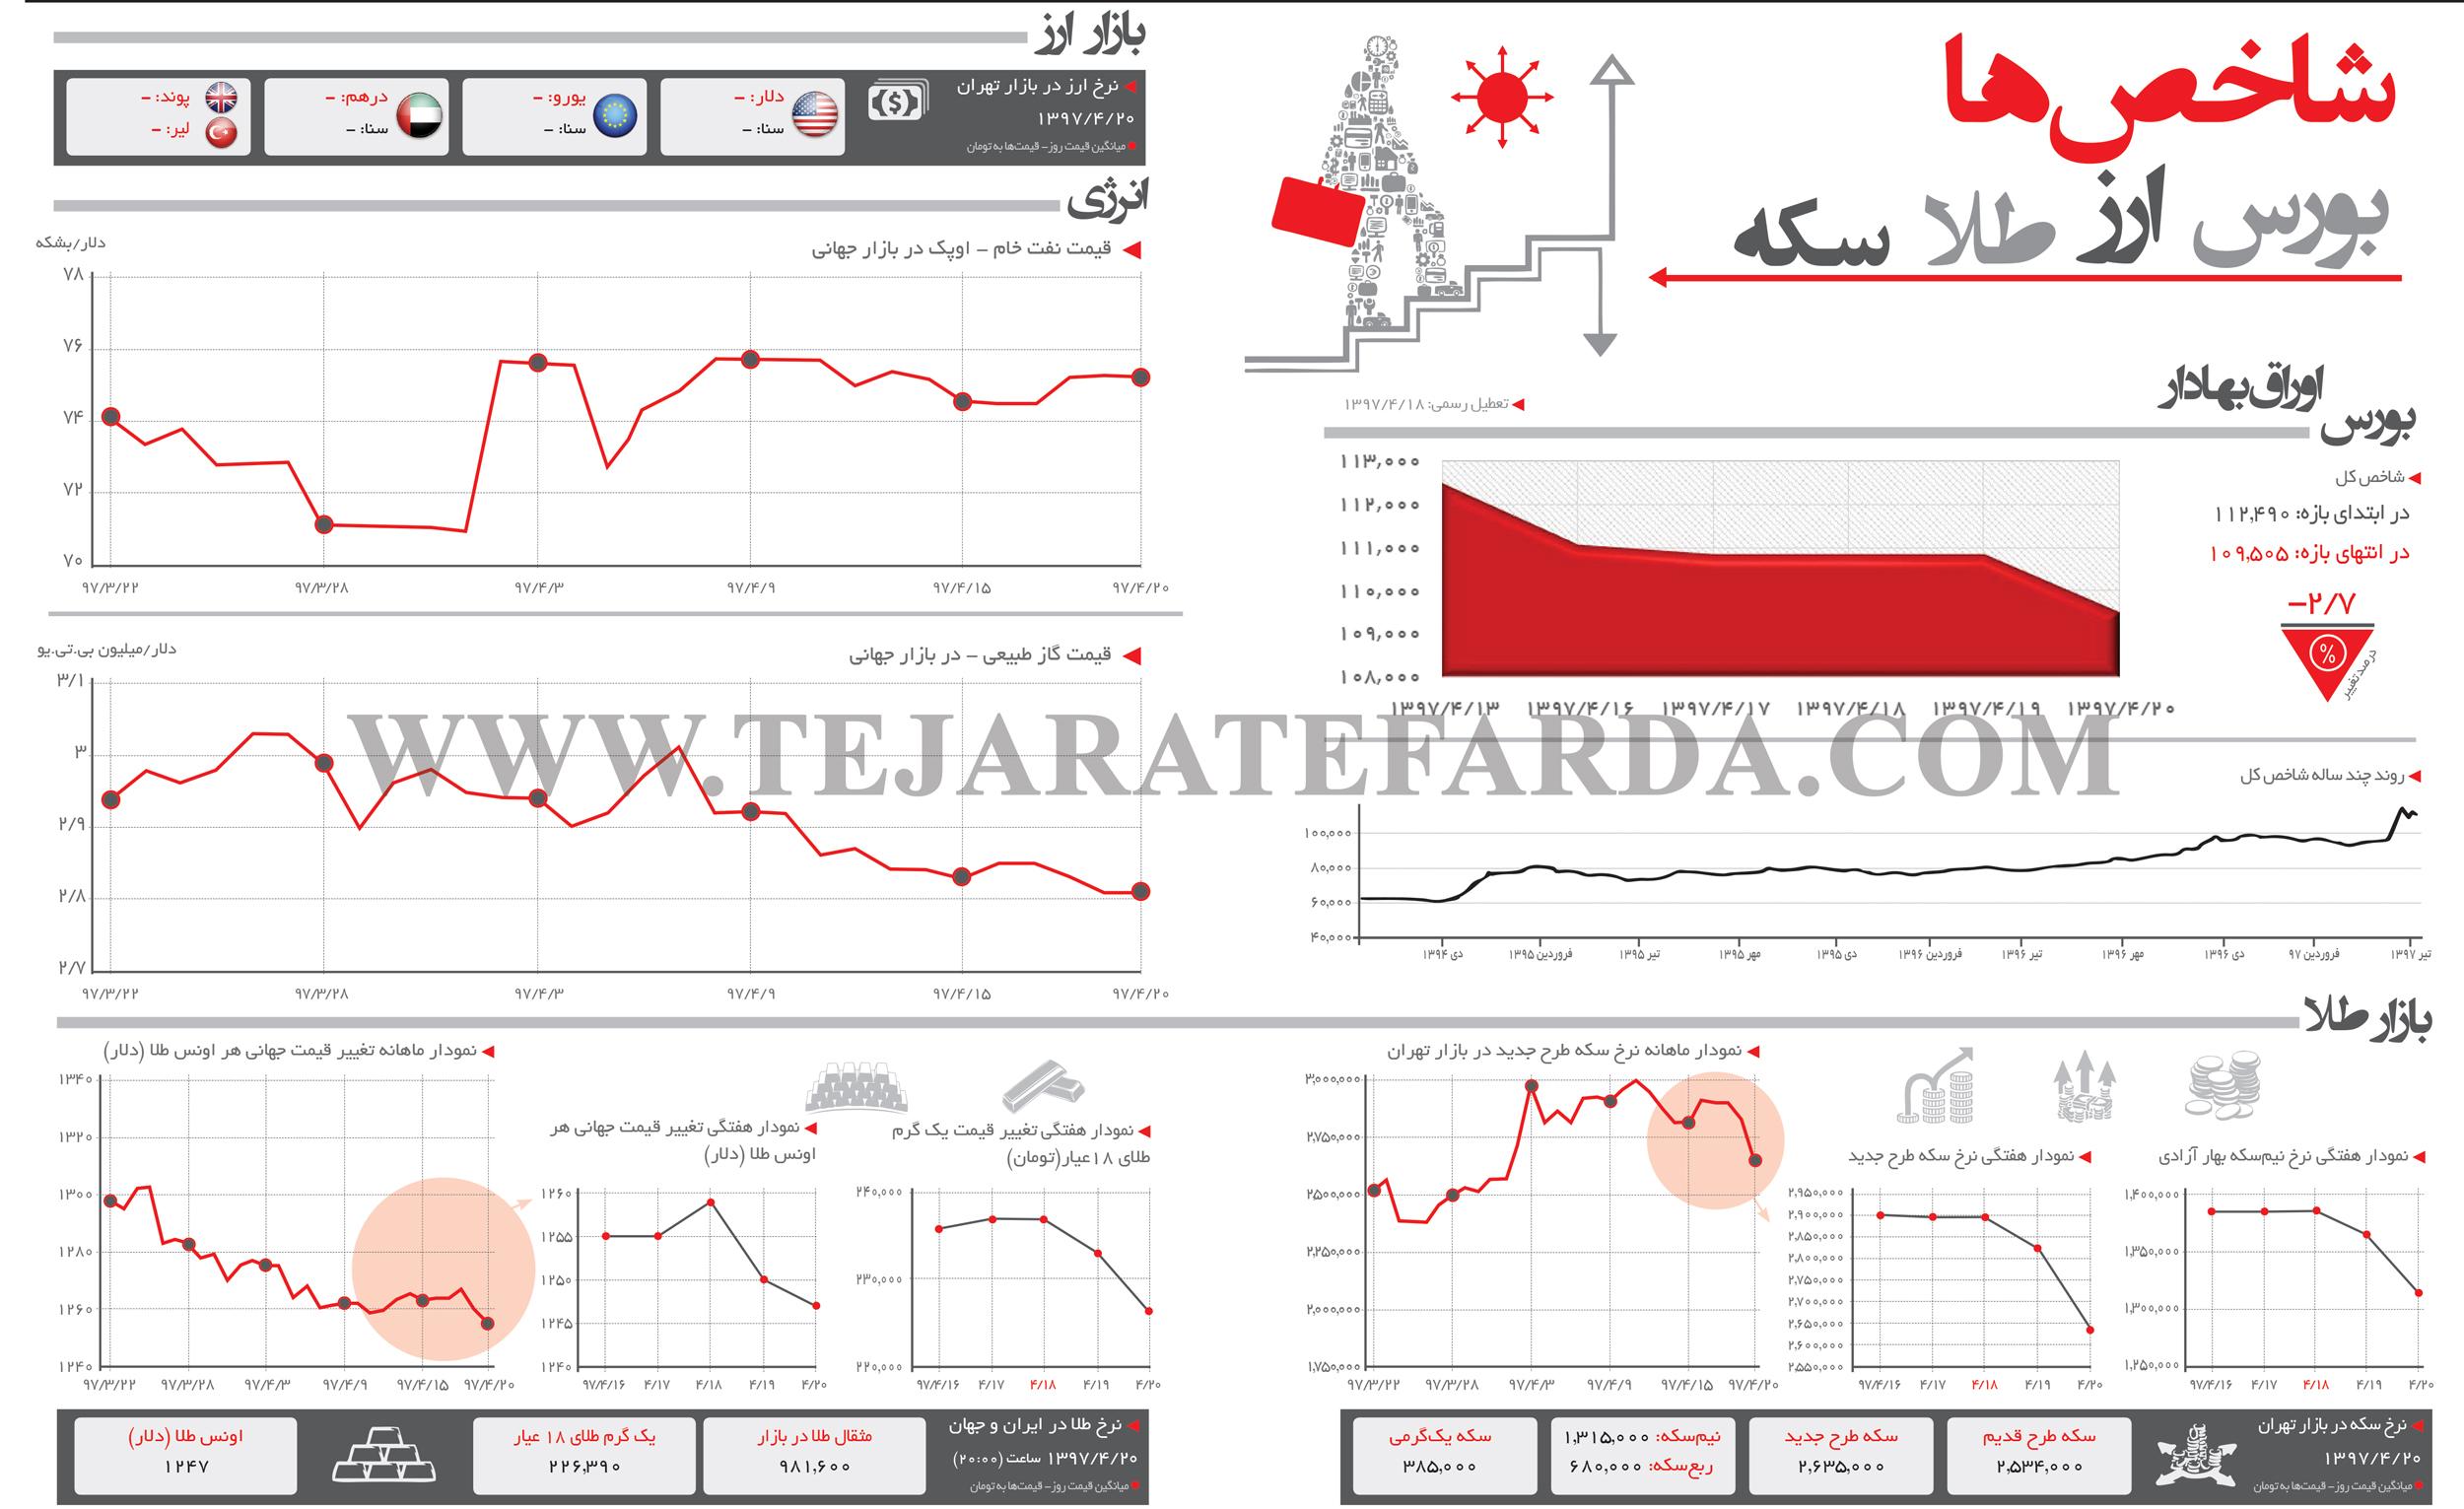 تجارت فردا- اینفوگرافیک- شاخصهای اقتصادی (276)